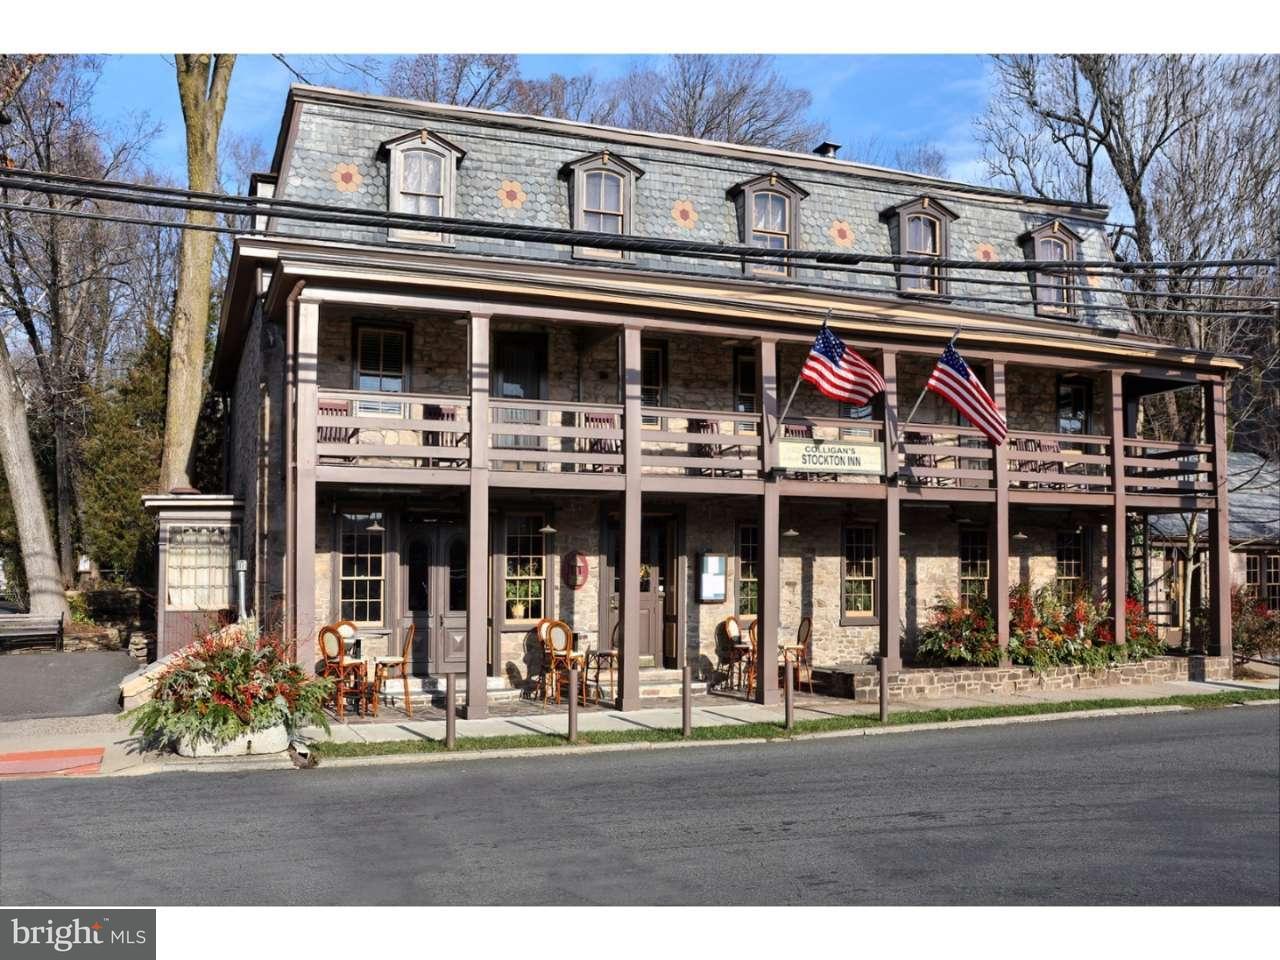 Casa Unifamiliar por un Venta en 1 N MAIN Street Stockton, Nueva Jersey 08559 Estados UnidosEn/Alrededor: Stockton